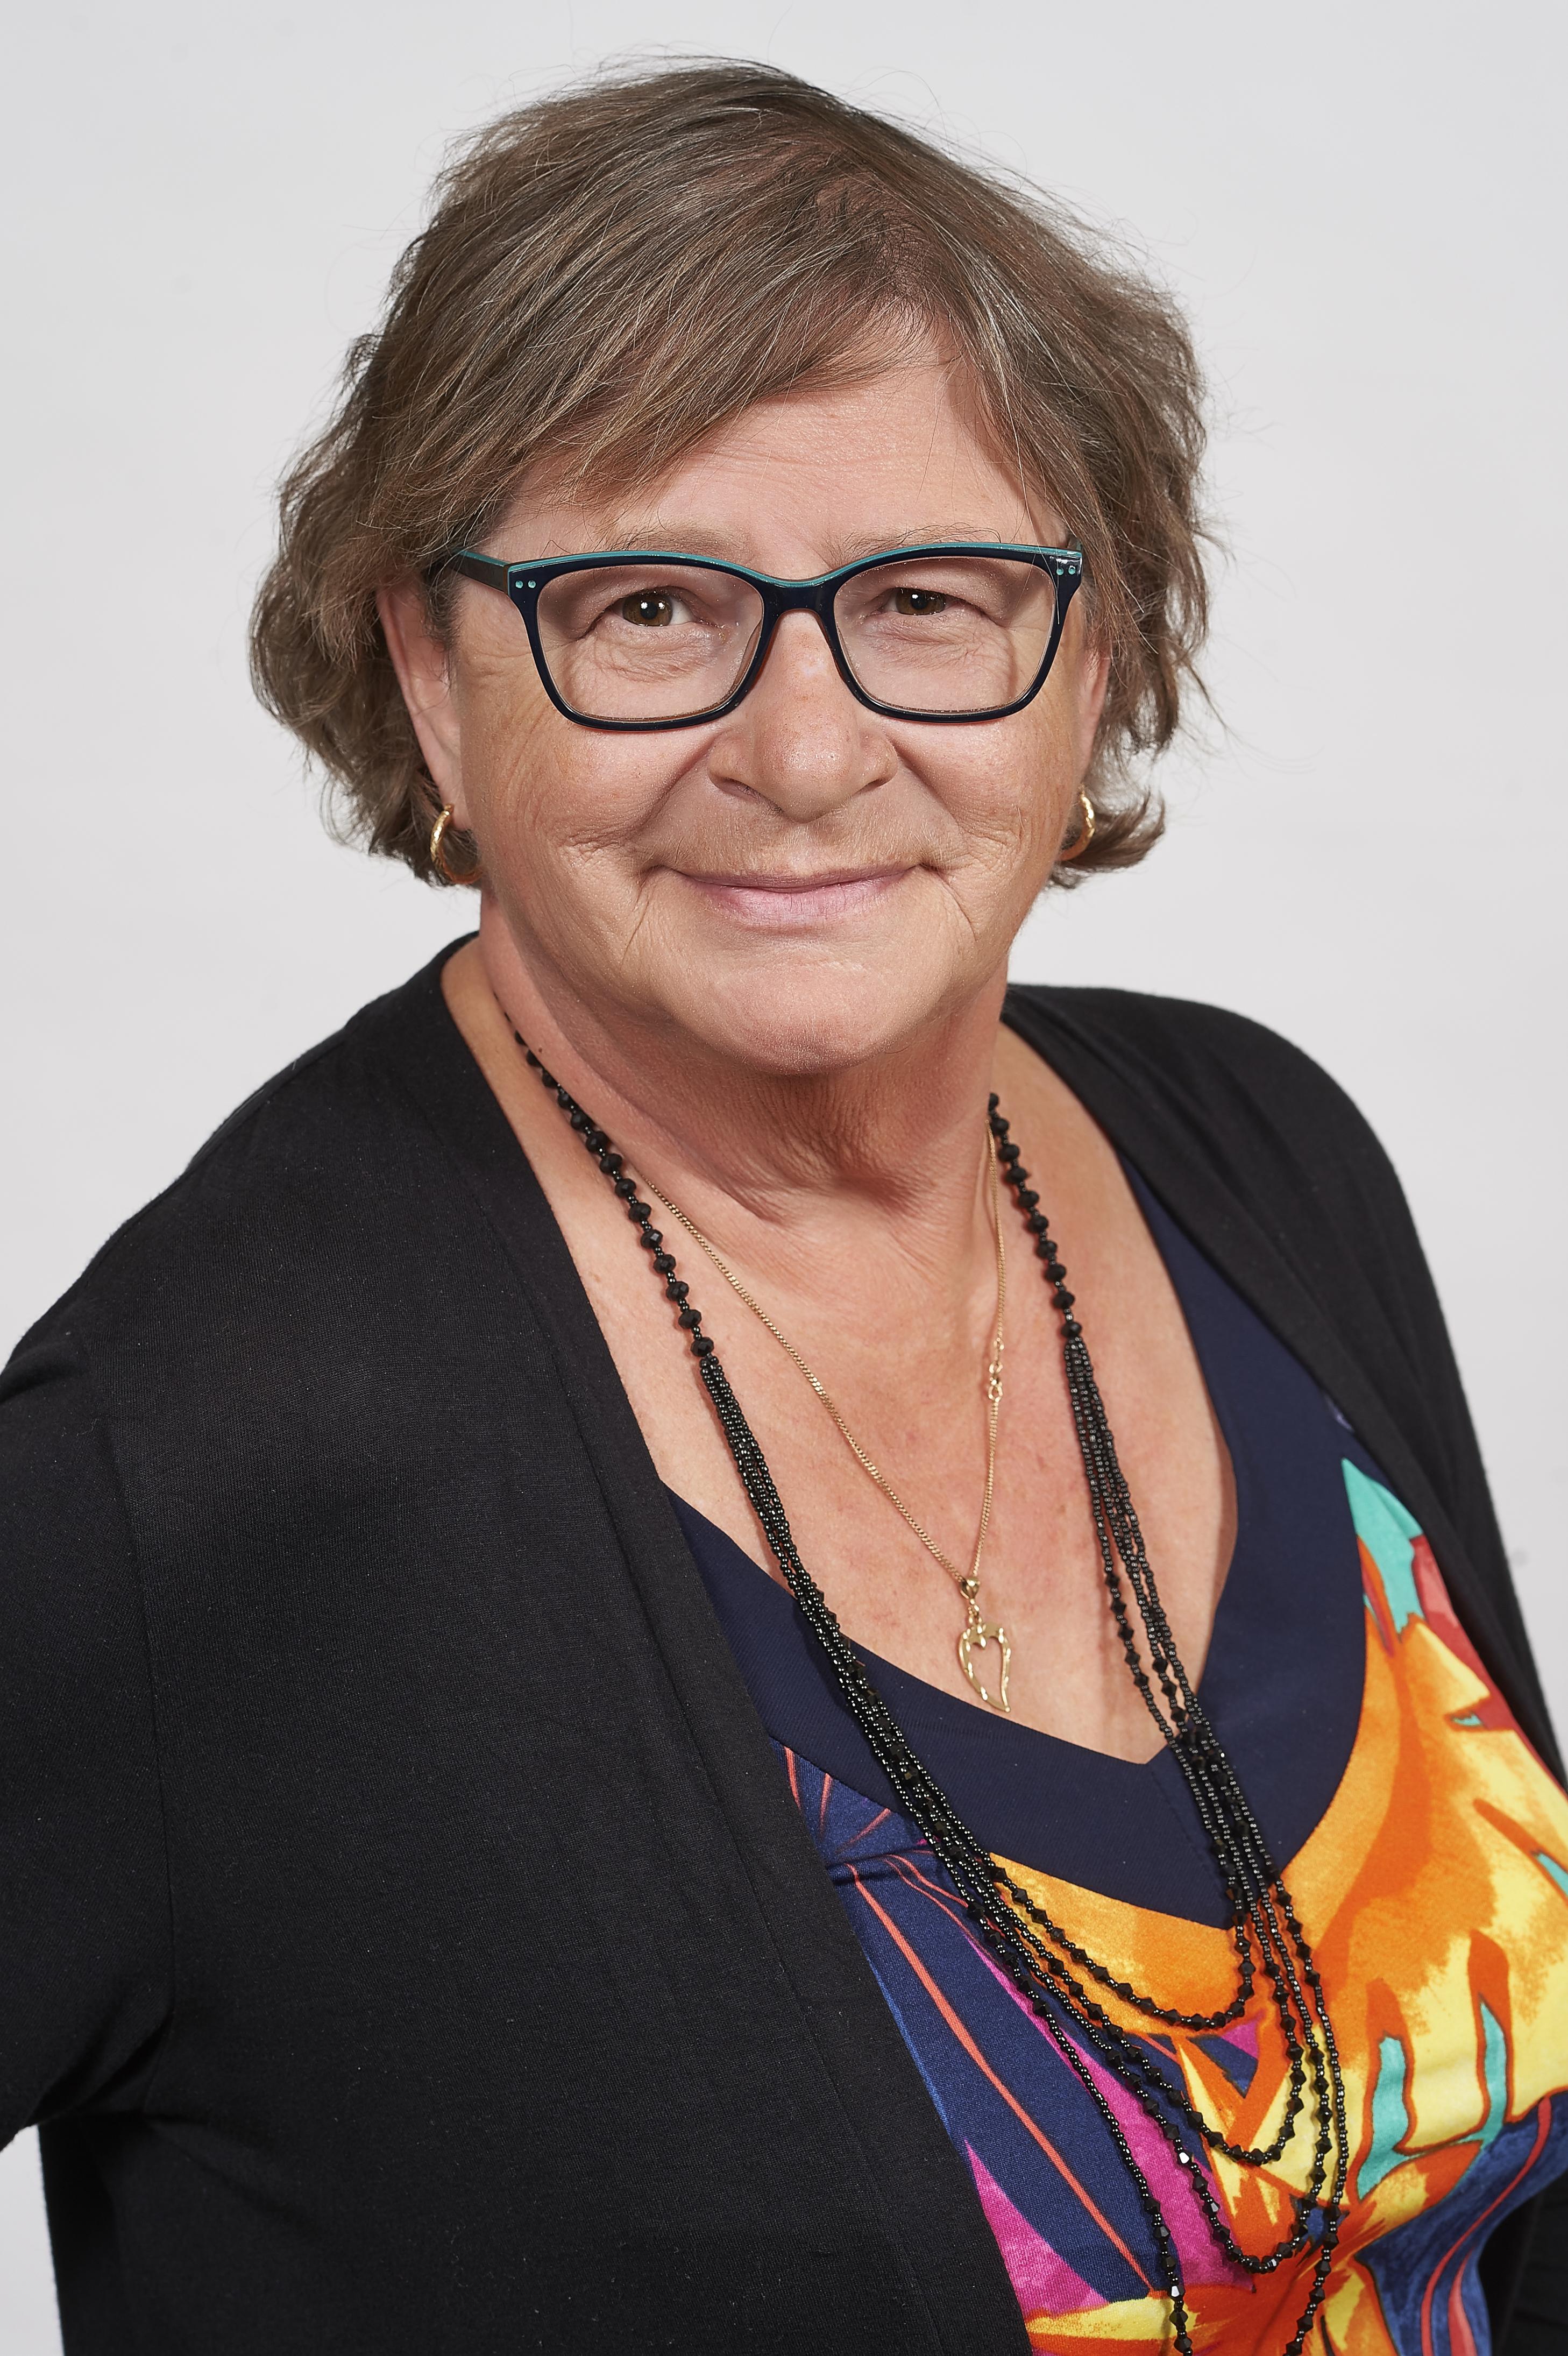 Diane Dupont-Cyr